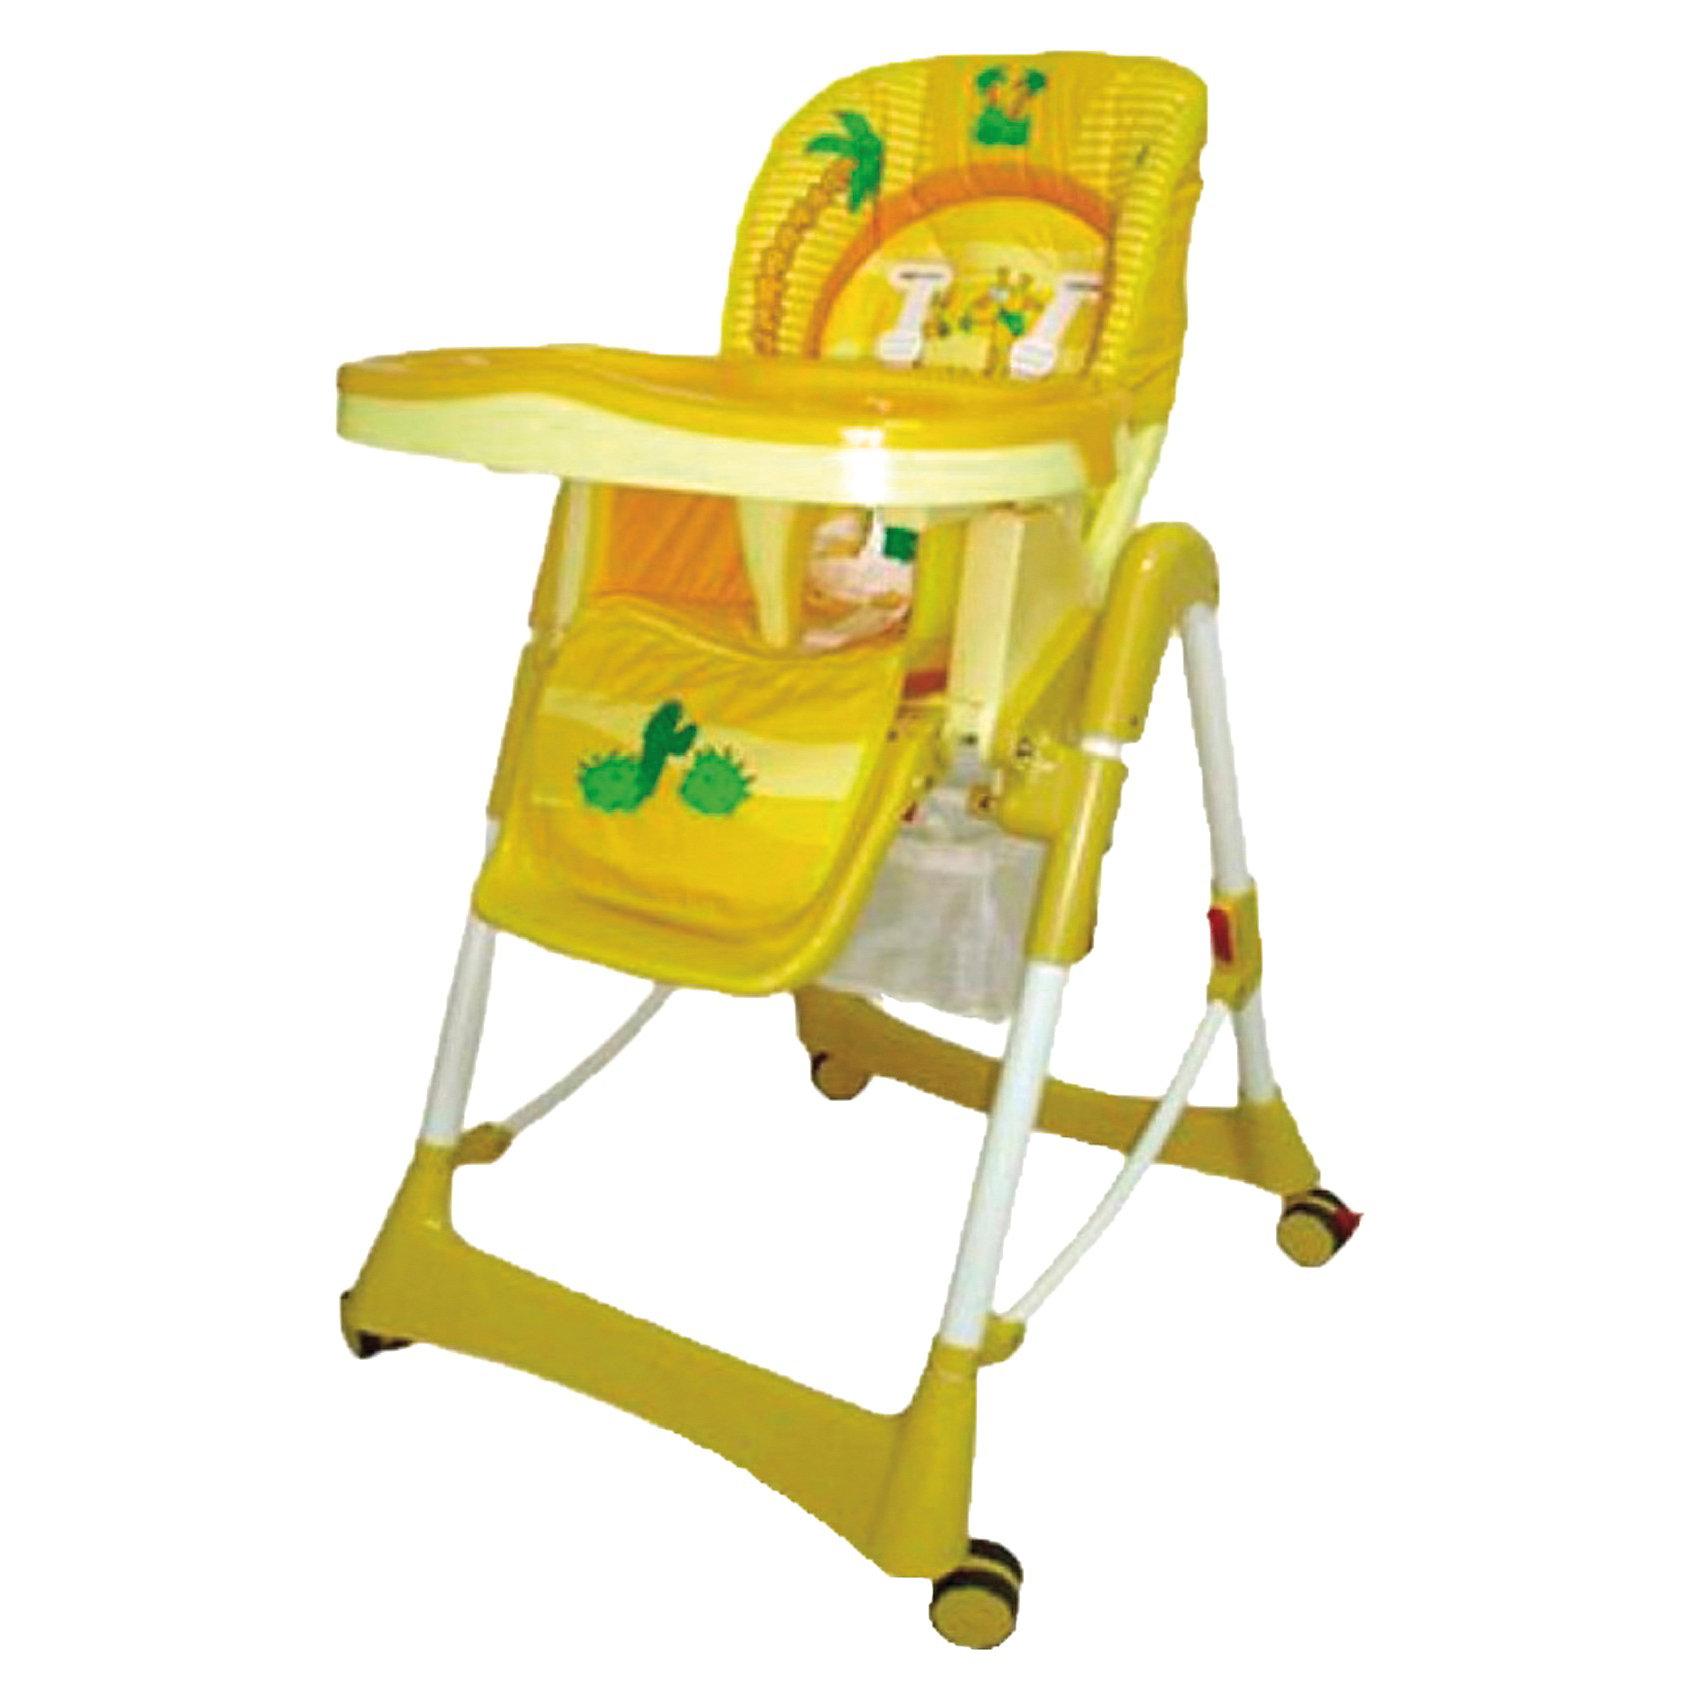 Стульчик для кормления Piero De Lux, Jetem, AfricaСтульчики для кормления<br>Комфортный стул для кормления Piero Deluxe Africa от Jetem (Жетем) поможет сделать кормление малыша приятным и безопасным. Стульчик выполнен в ярком привлекательном дизайне с изображениями забавного жирафа и пальм. <br><br>Рама с поперечной перекладиной обеспечивает максимальную устойчивость. Мягкое комфортное сиденье имеет спинку, у которой регулируются высота (6 уровней) и угол наклона (3 положения) в зависимости от потребностей ребенка. Стульчик оснащен 5-точечными ремнями безопасности и ограничителем под дном столешницы, которые крепко удержат<br>малыша и не позволят соскользнуть вперед. Регулируемая подставка для ножек обеспечит ребенку надежную опору. У стульчика высокие бортики, столик также регулируется по высоте. Съемная столешница имеет 3 положения глубины, есть отверстие для стакана.<br><br>Имеется дополнительная съемная прозрачная столешница, сетка для игрушек. Прорезиненные колеса предотвращают царапины на напольном покрытии, задние колеса фиксируются. Клеенчатая обивка легко моется. Стульчик легко и компактно складывается и не занимает много места. Стульчик рекомендуется использовать от 4 -9 мес. до 3 лет, максимальный вес - 18 кг.<br><br>Дополнительная информация:<br><br>- Цвет: africa (желтый).<br>- Материал: пластик, ткань. <br>- Размер в разложенном состоянии: 125 х 60 х 65 см.<br>- Высота спинки стульчика: 58 см.<br>- Ширина сидения: 29 см.<br>- Глубина сидения: 28 см.<br>- Размер упаковки: 55 х 29 х 7 см. <br>- Вес с упаковкой: 11 кг. <br><br>Стул для кормления Piero Deluxe Africa, Jetem (Жетем) можно купить в нашем интернет-магазине.<br><br>Ширина мм: 700<br>Глубина мм: 280<br>Высота мм: 550<br>Вес г: 10500<br>Возраст от месяцев: 6<br>Возраст до месяцев: 36<br>Пол: Унисекс<br>Возраст: Детский<br>SKU: 3618045